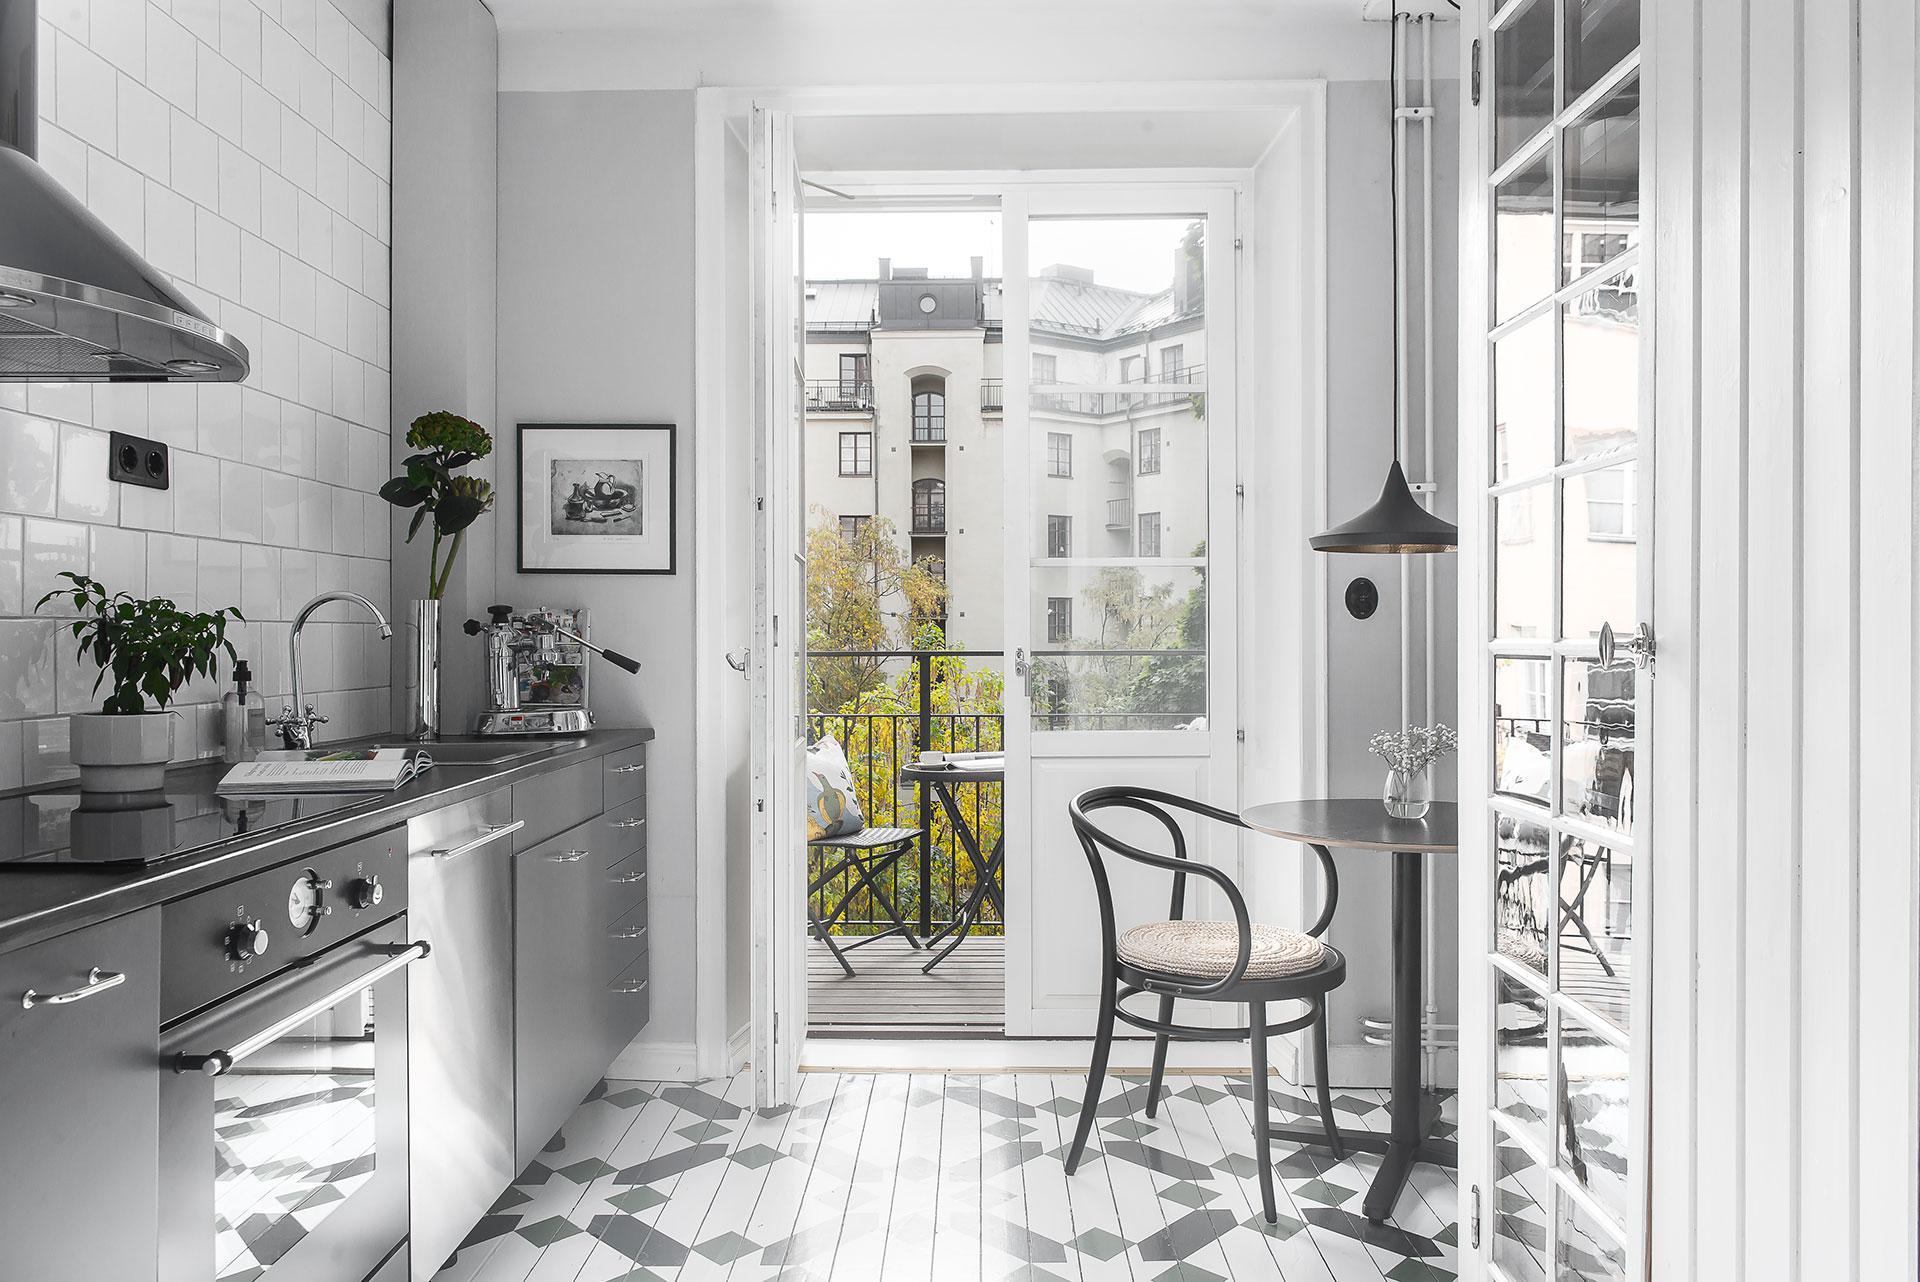 Måla mönster på köksgolvet